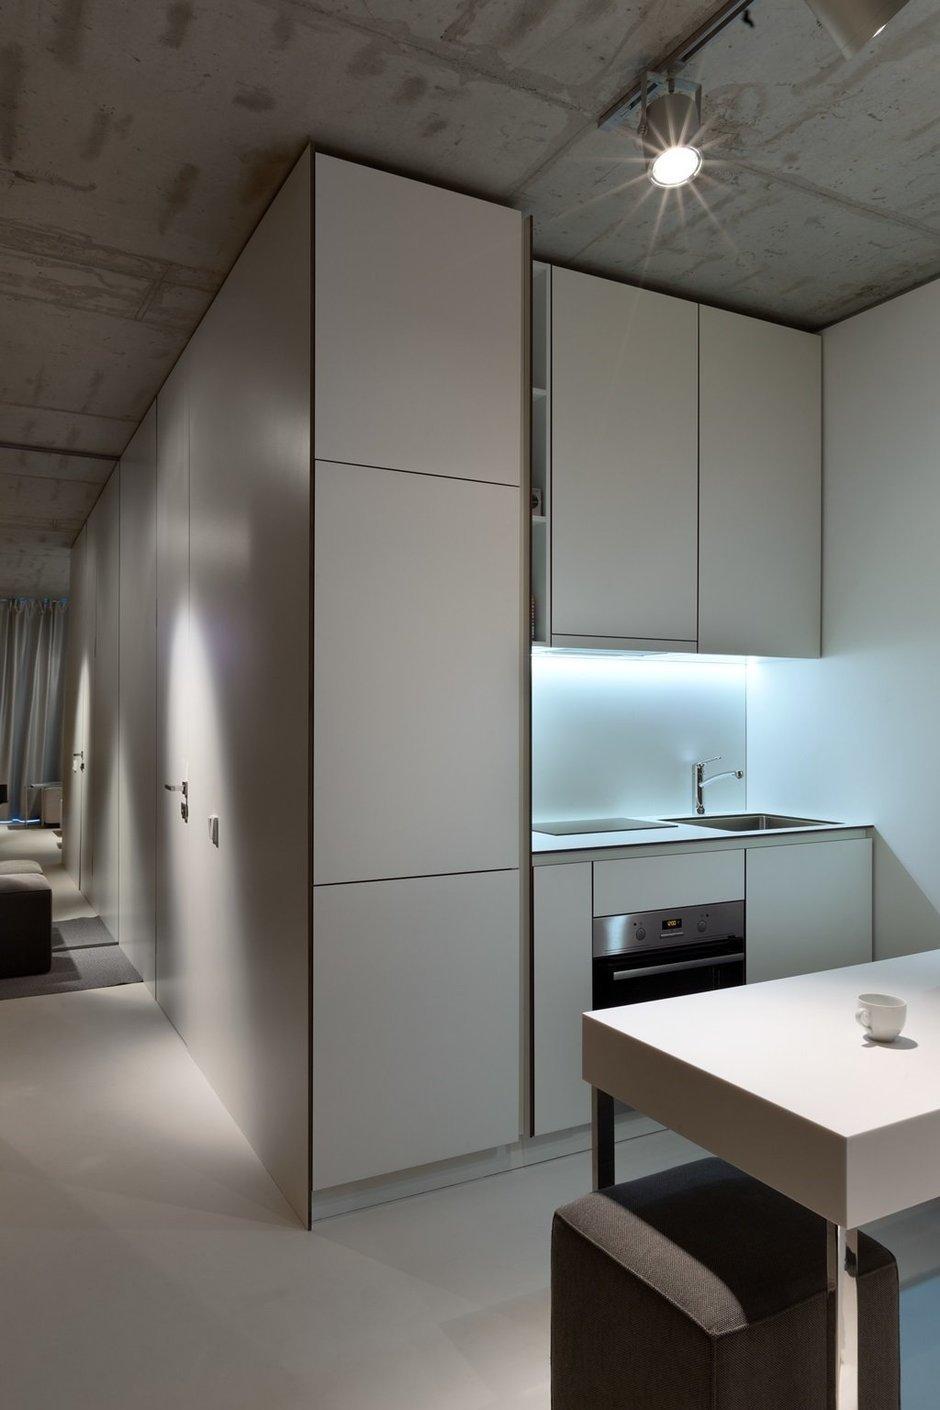 Фотография: Кухня и столовая в стиле Лофт, Малогабаритная квартира, Квартира, Украина, Дома и квартиры – фото на InMyRoom.ru